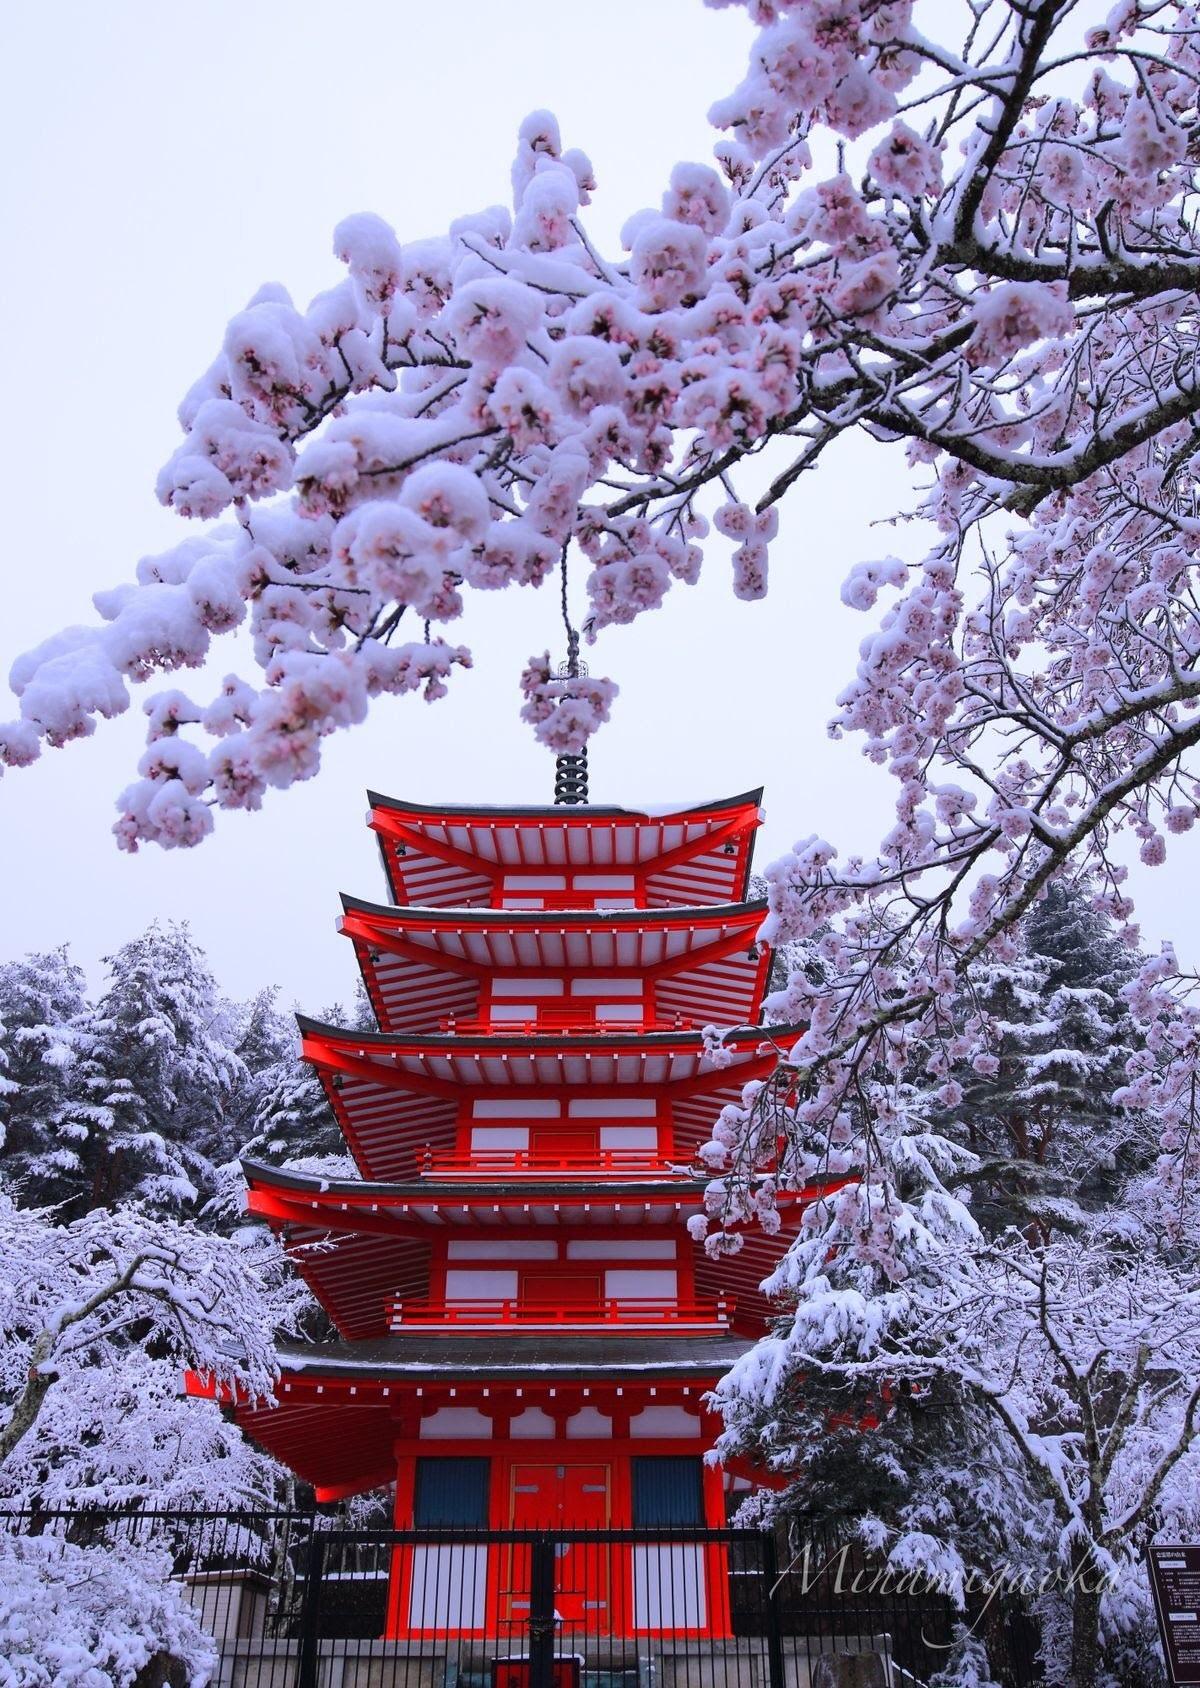 日本關東4月超反常落雪! 推特狂曬罕見「雪櫻奇景」如置身夢境 - TripGo 旅行趣